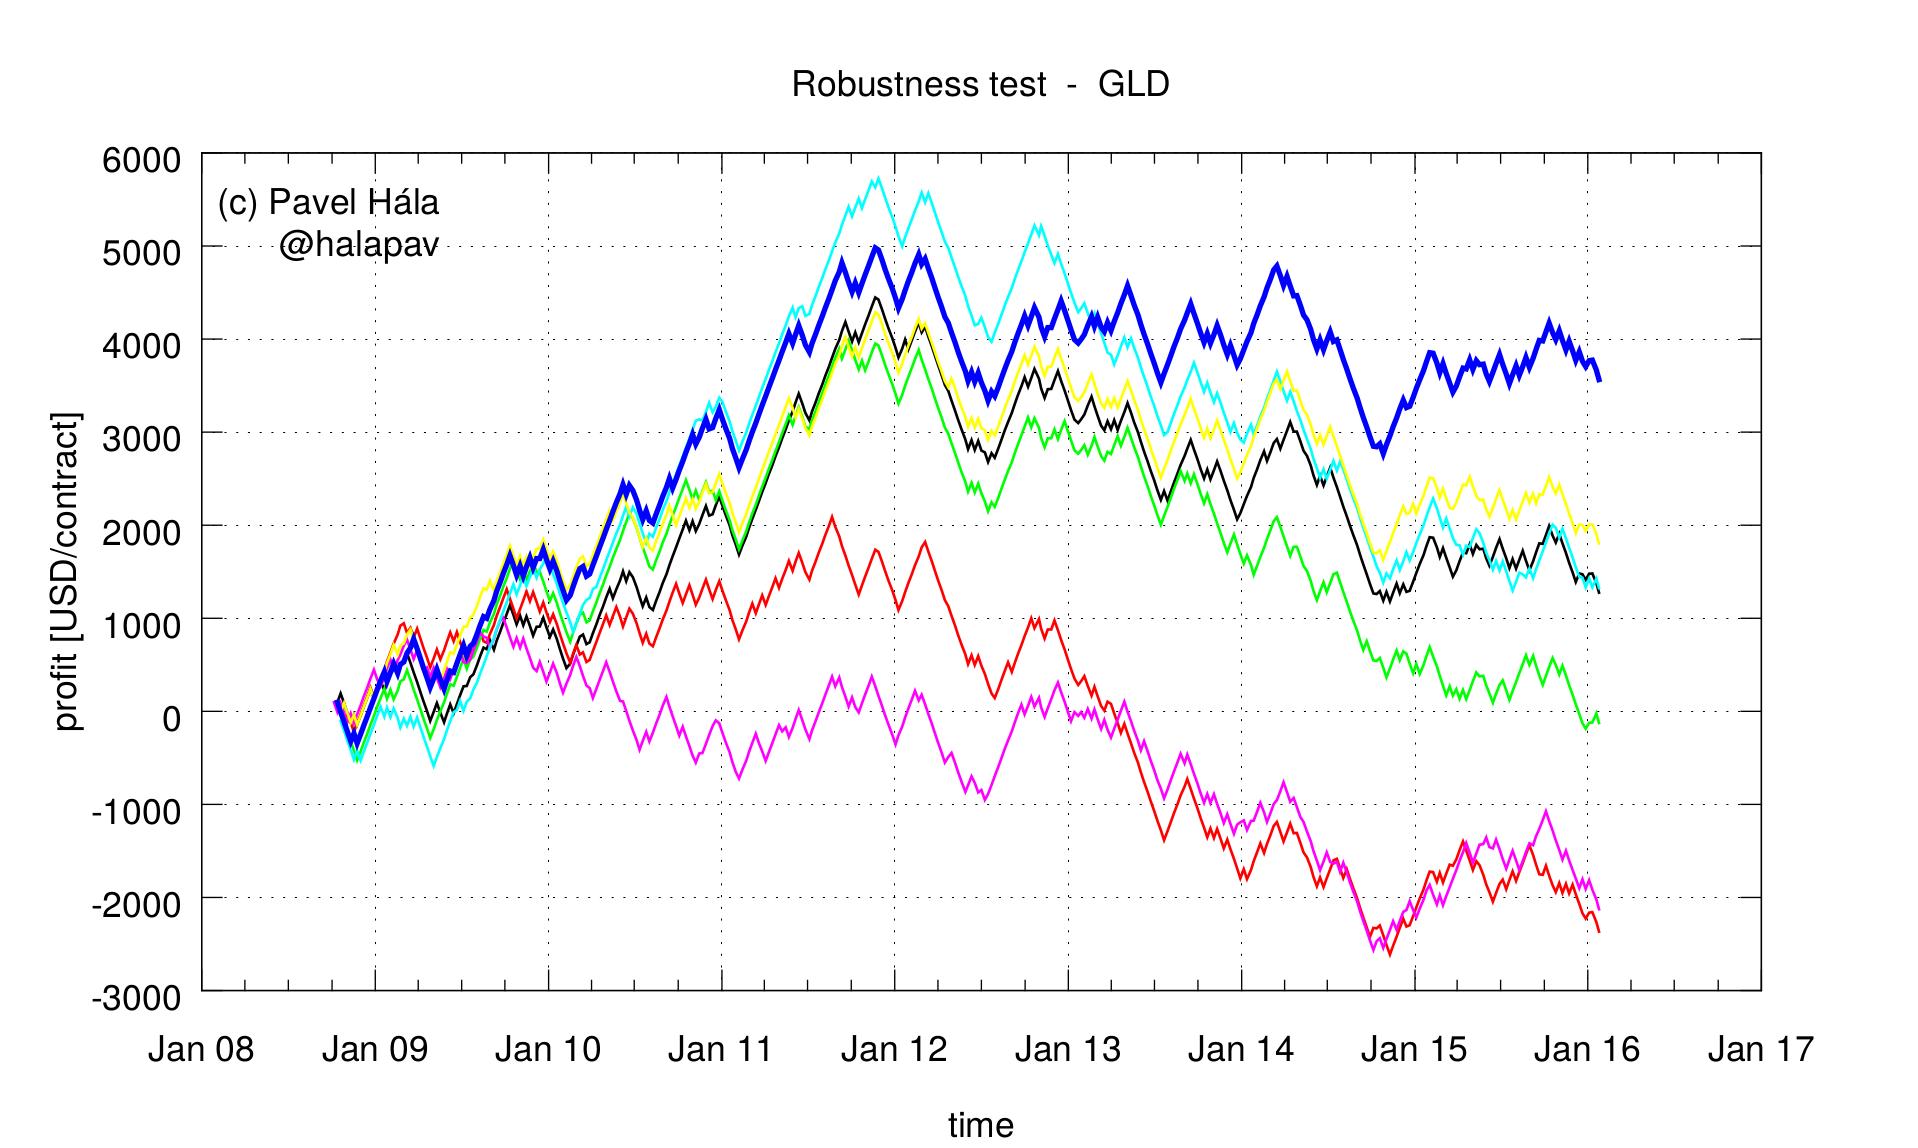 gld_robustness